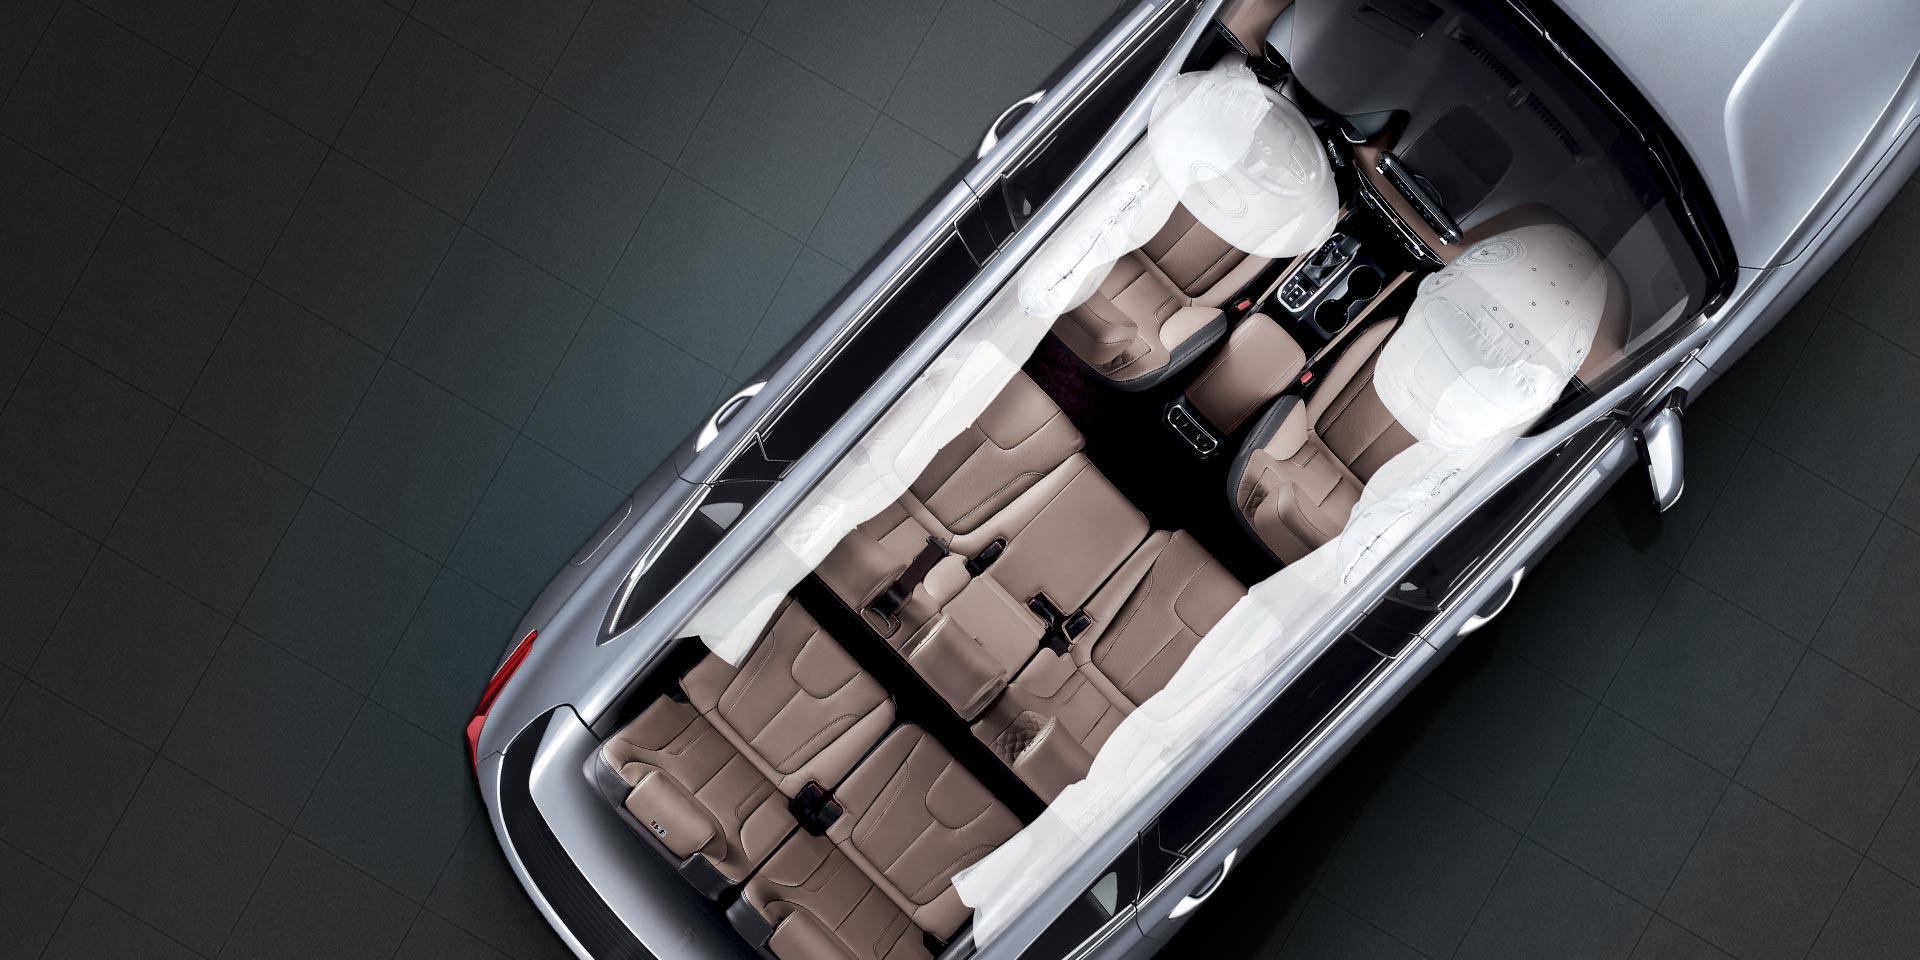 Šest zračnih jastuka: dva prednja zračna jastuk, dva bočna zračna jastuka i dvije zračne zavjese od prvog do drugog reda sjedala koja štiti i vozača i putnike.